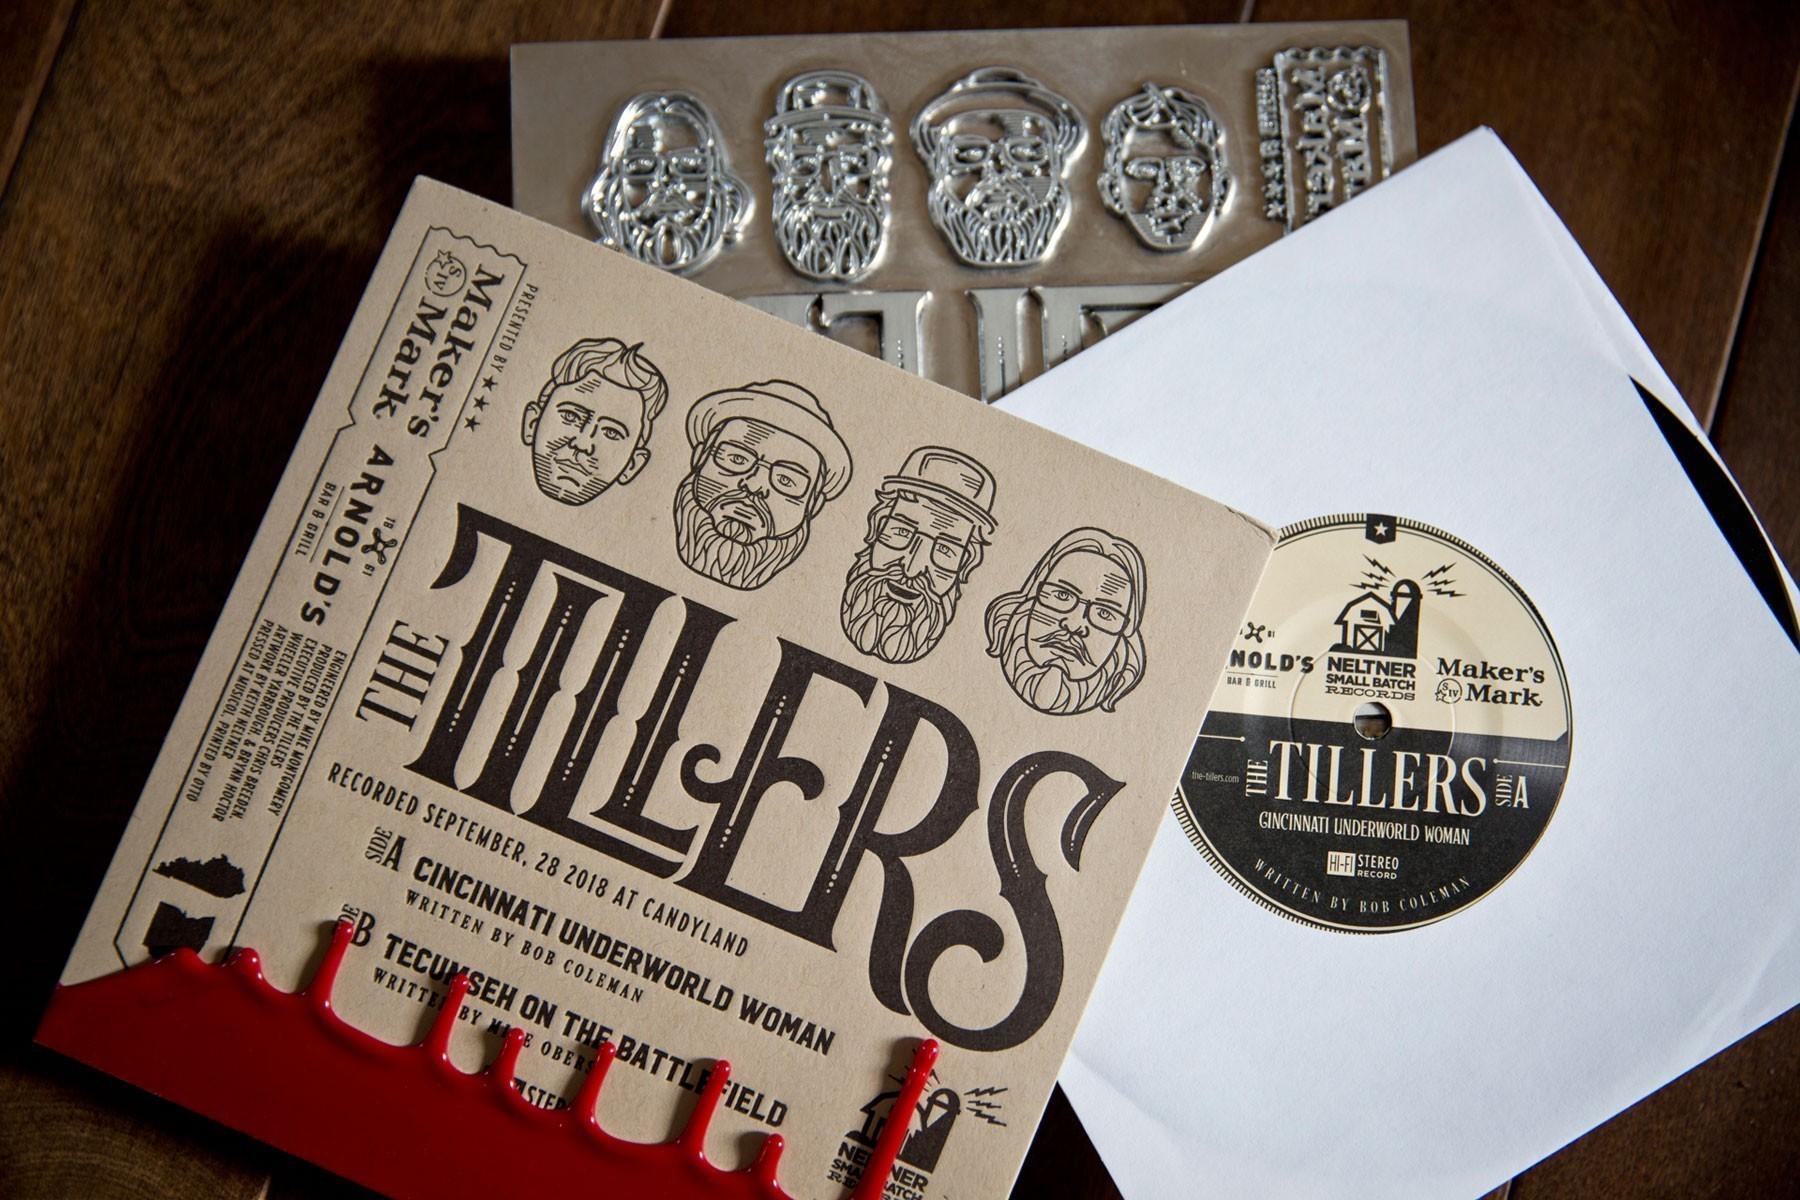 Tillers_MakersMark_01_Web